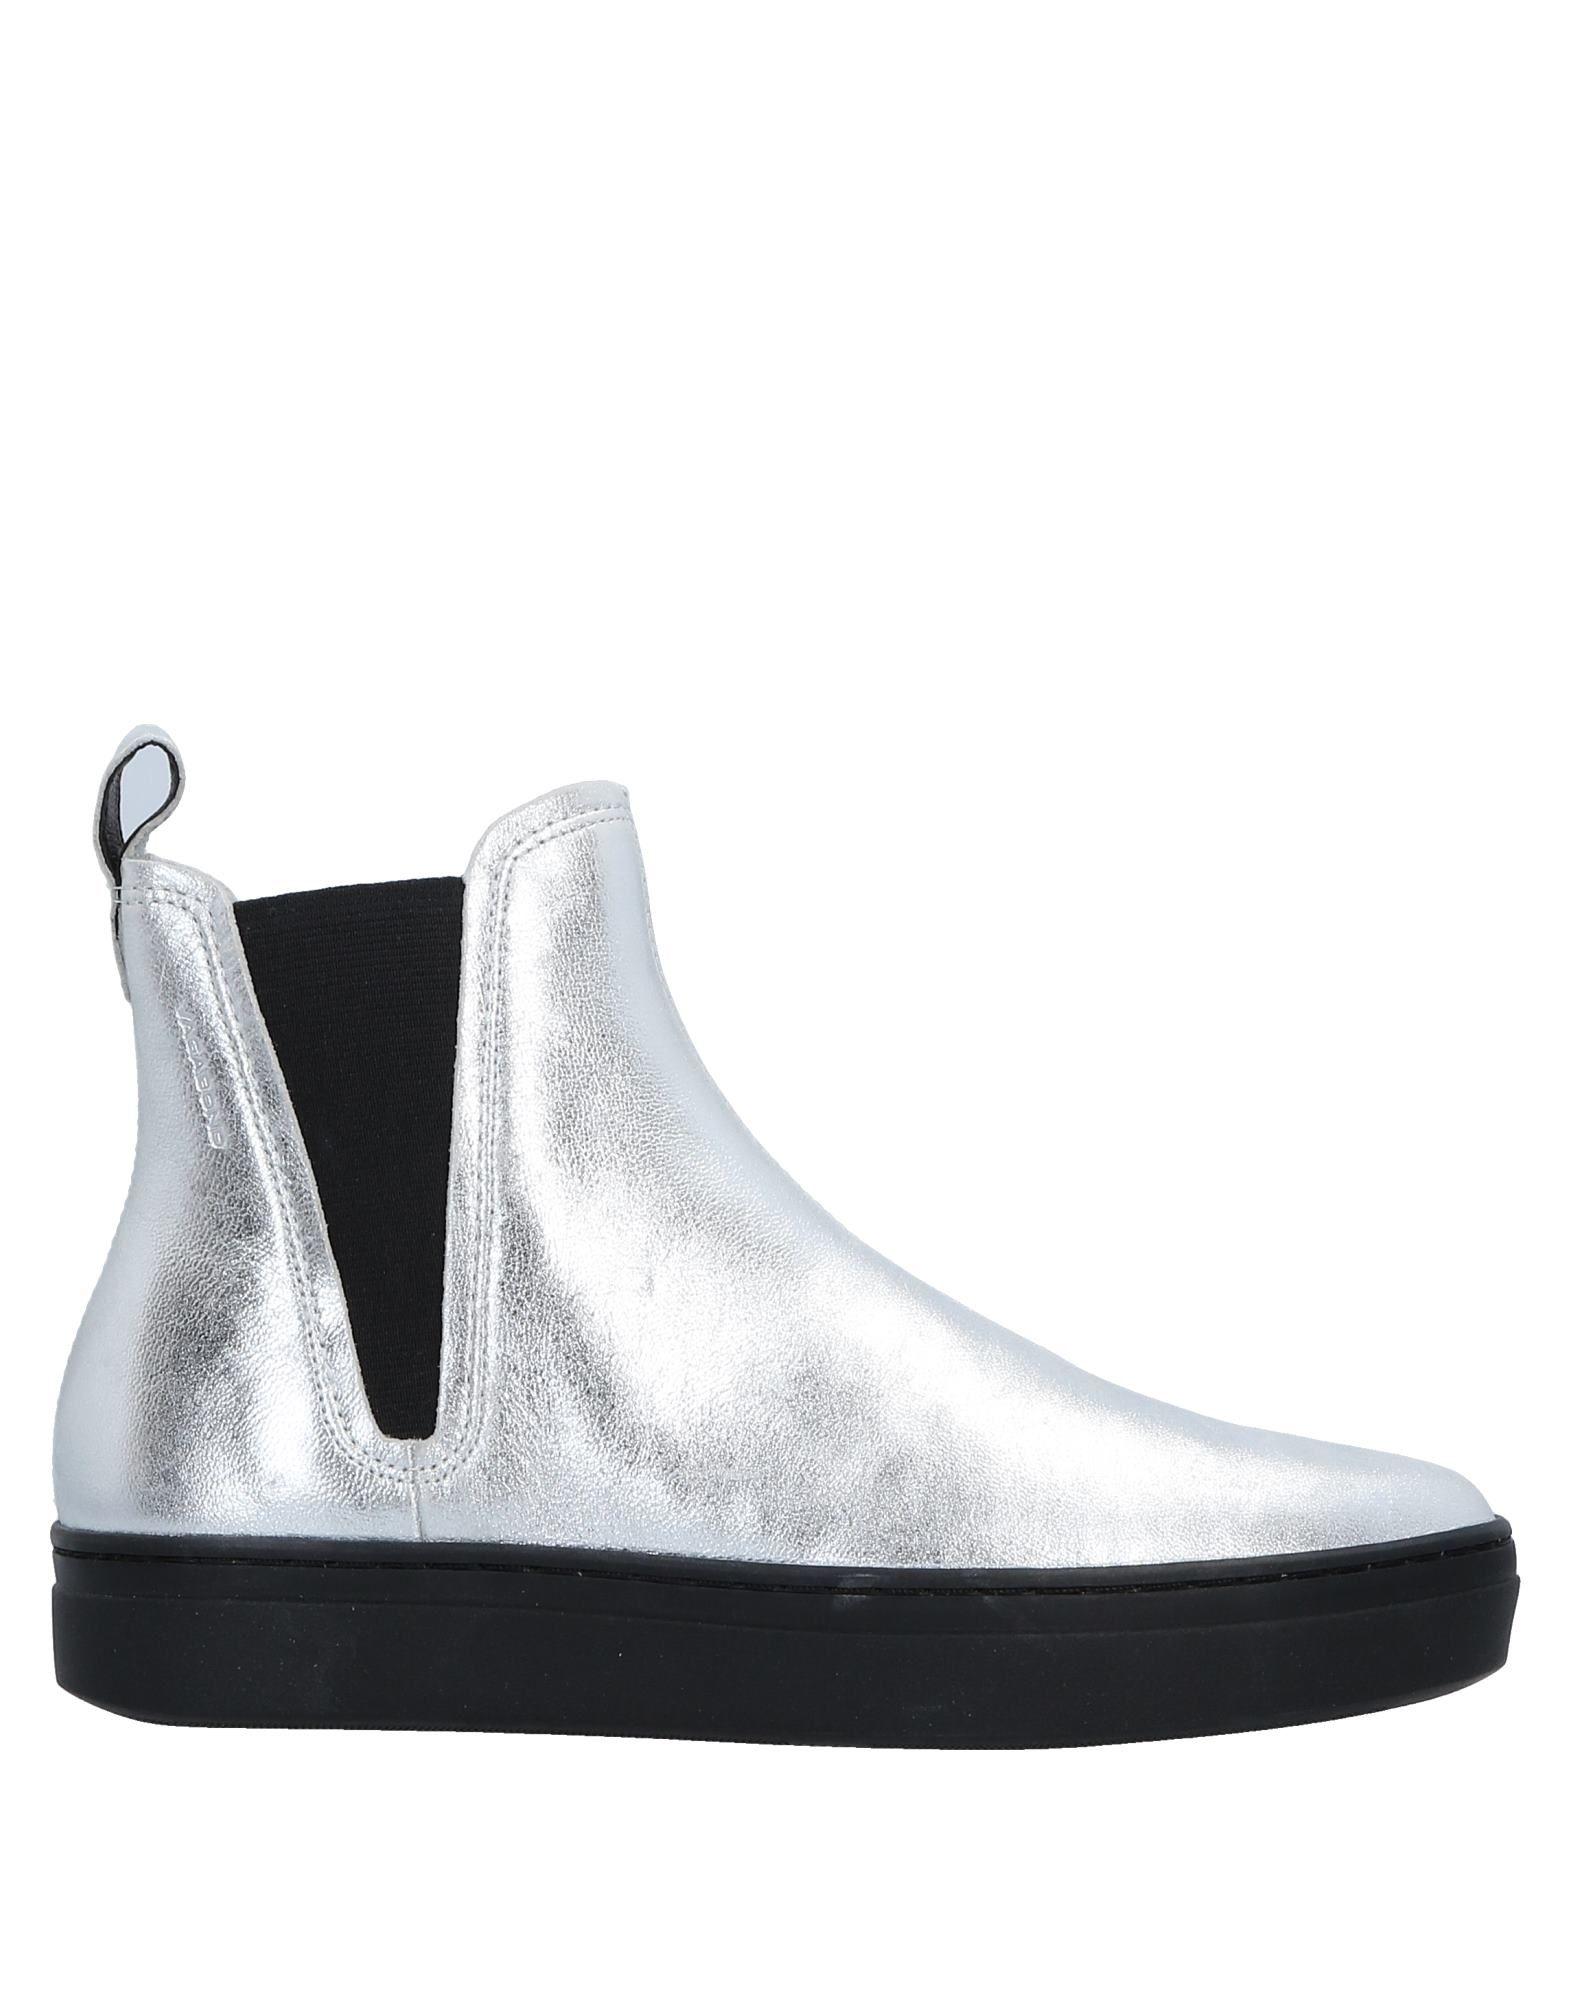 VAGABOND SHOEMAKERS Полусапоги  высокие ботинки